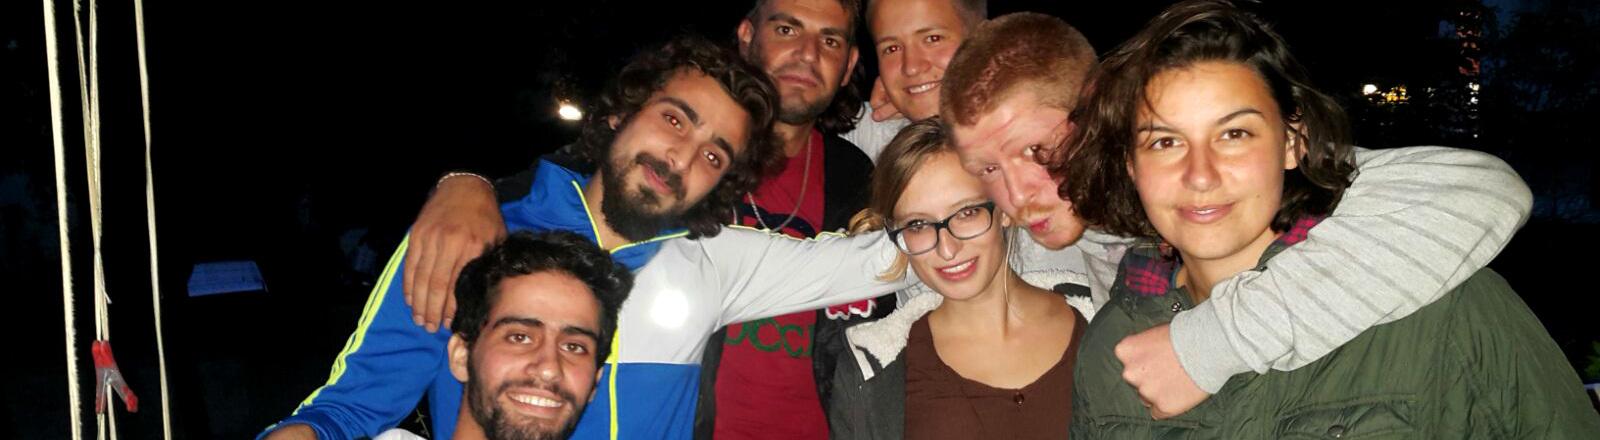 Ein Gruppenbild mit den Flüchtlingen und deren WG-Mitbewohnern.